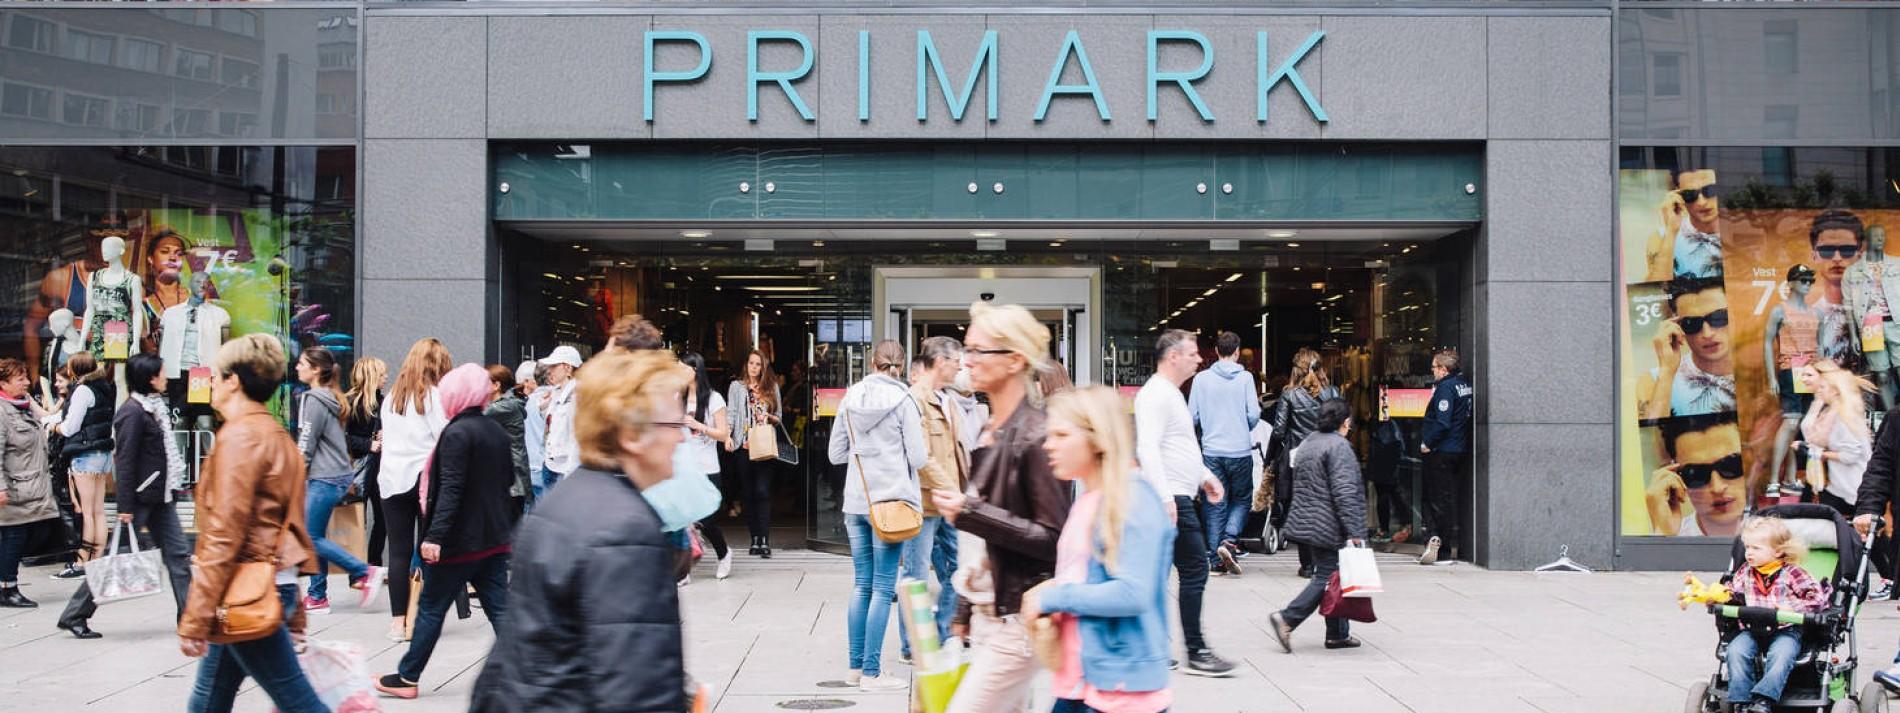 primark-skandal: die unerwünschte frage nach der herkunft